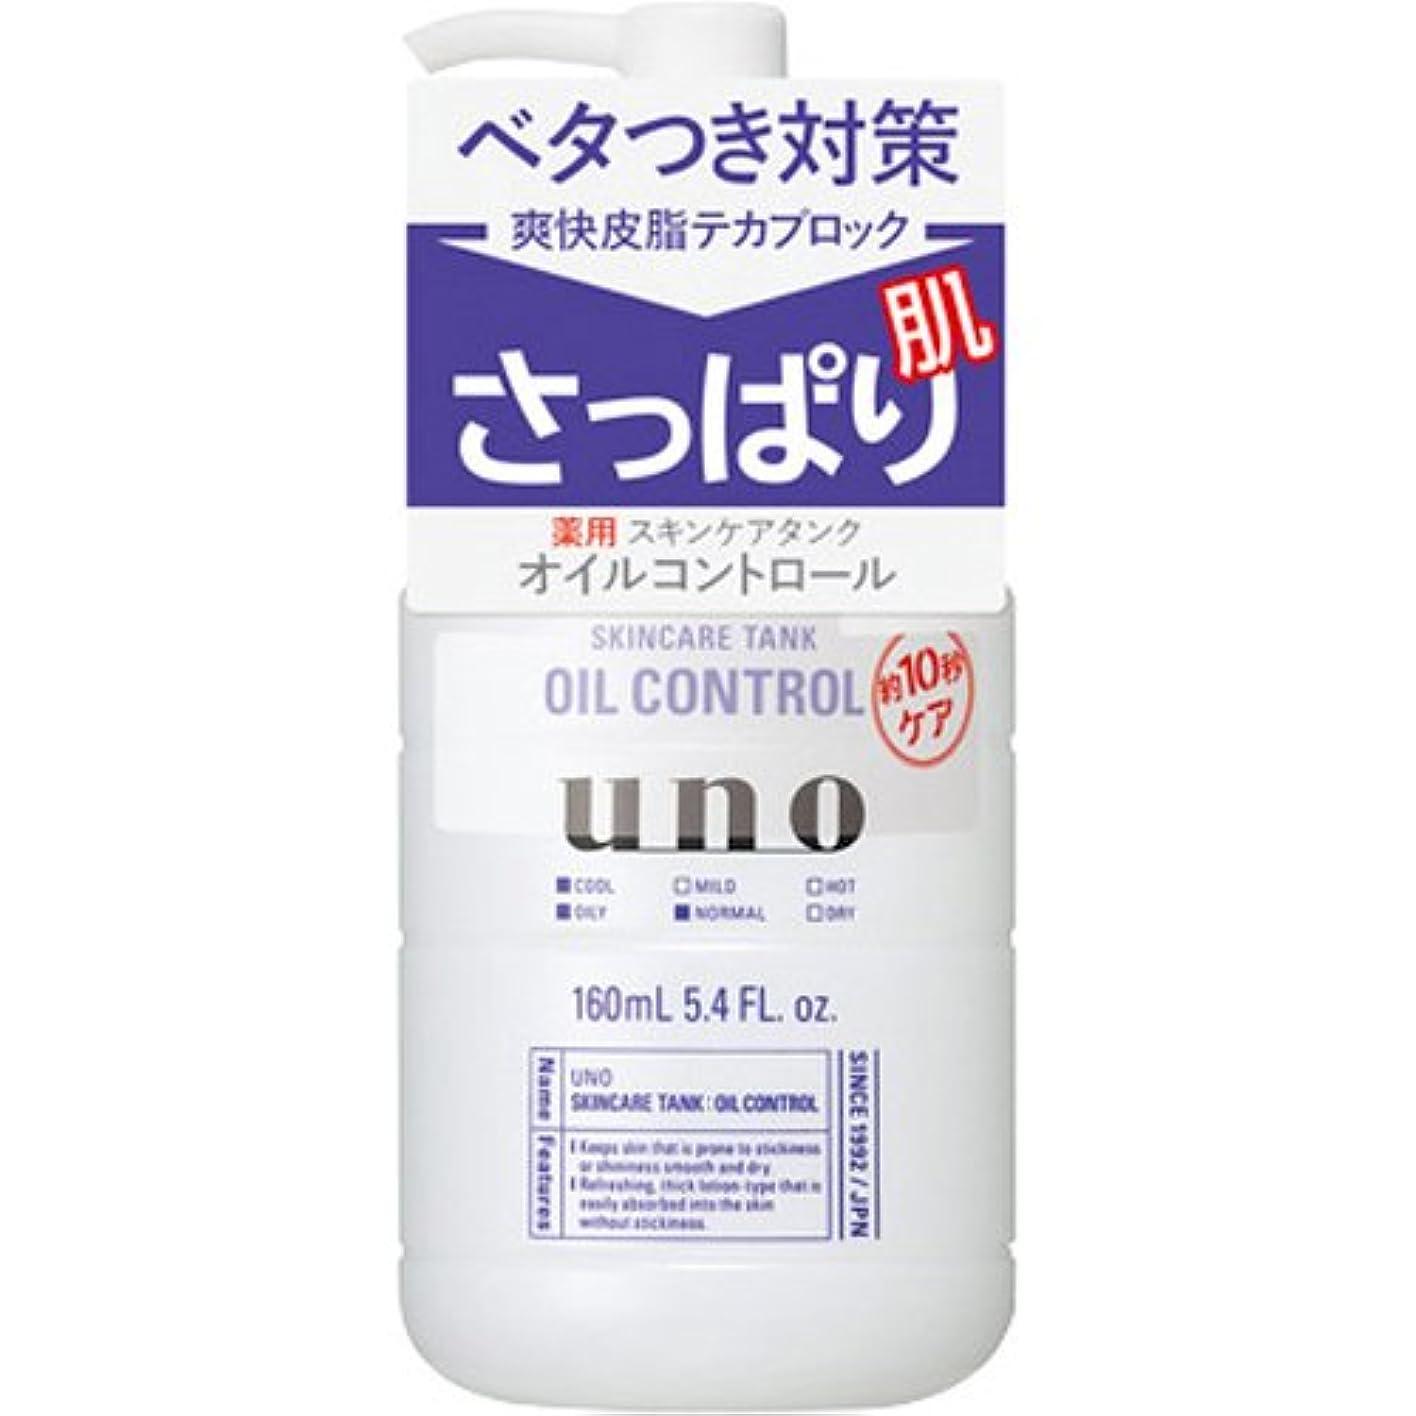 シニス品収容する資生堂 ウーノ スキンケアタンク [さっぱり] (医薬部外品)《160mL》